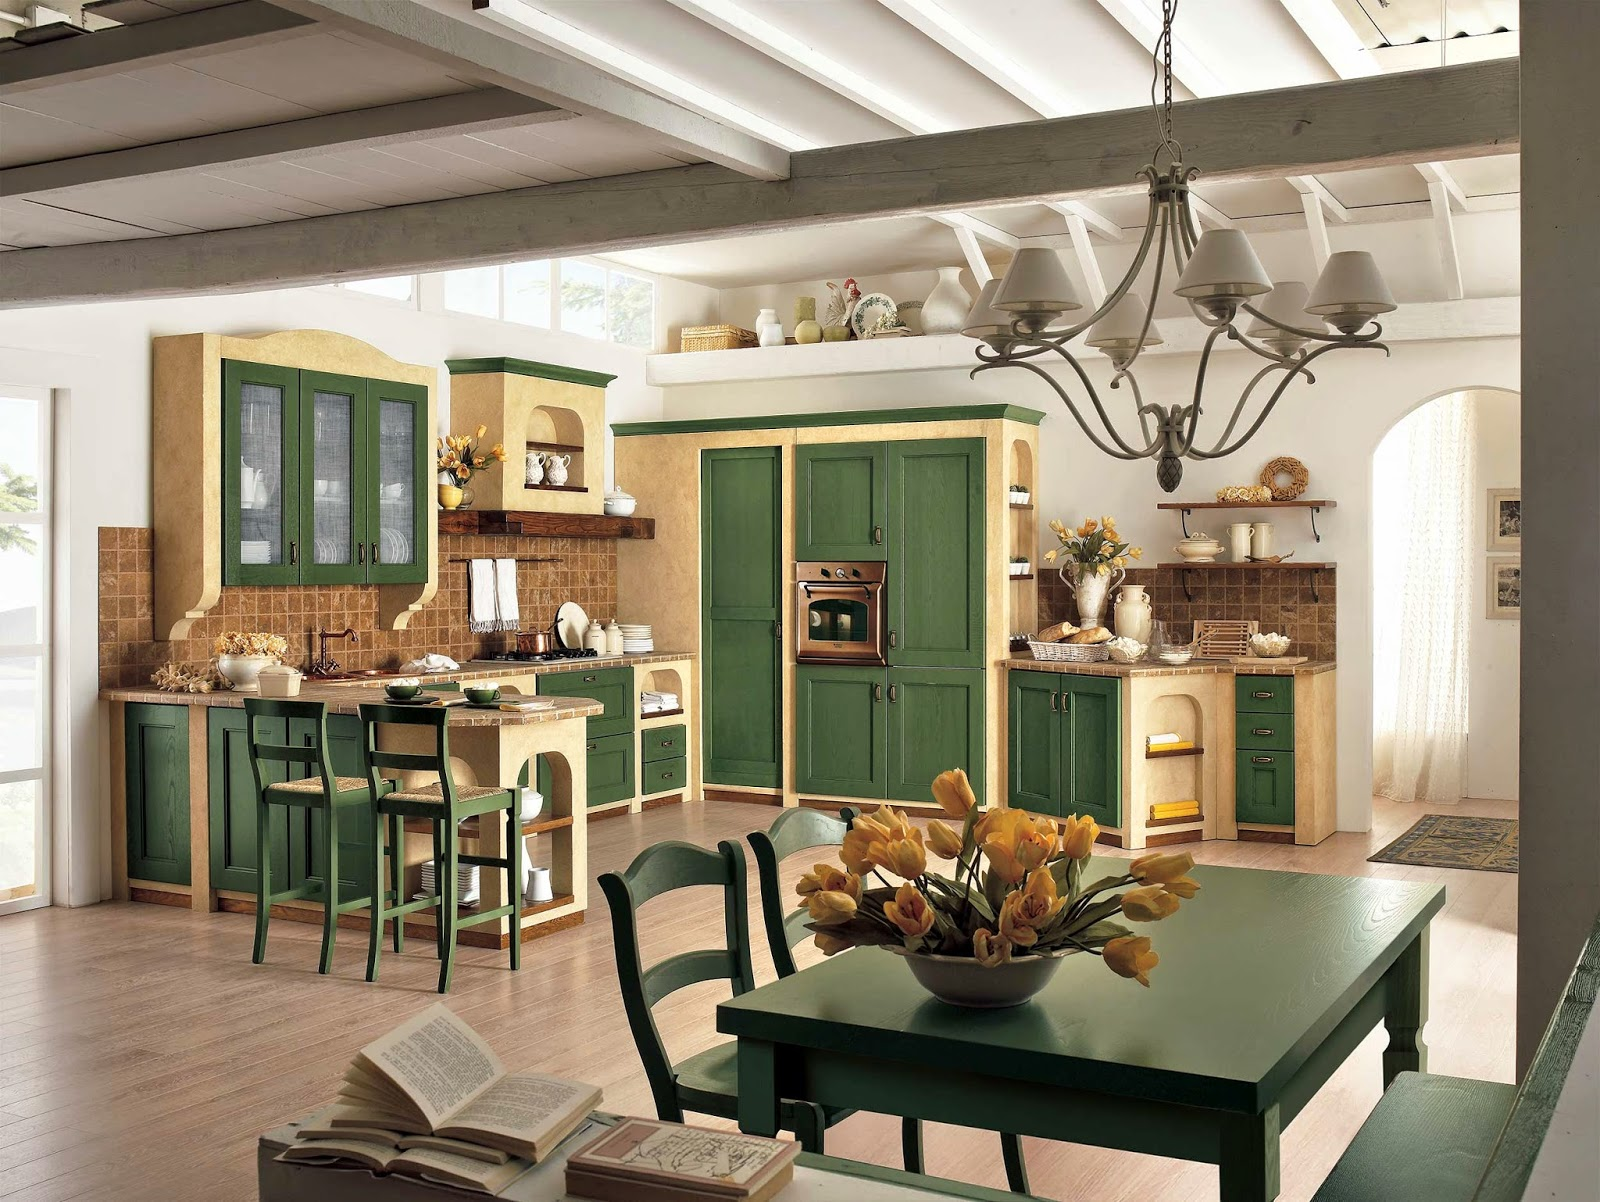 vovell.com | arredare con pannelli decorativi - Mattonelle 10x10 Cucina In Muratura